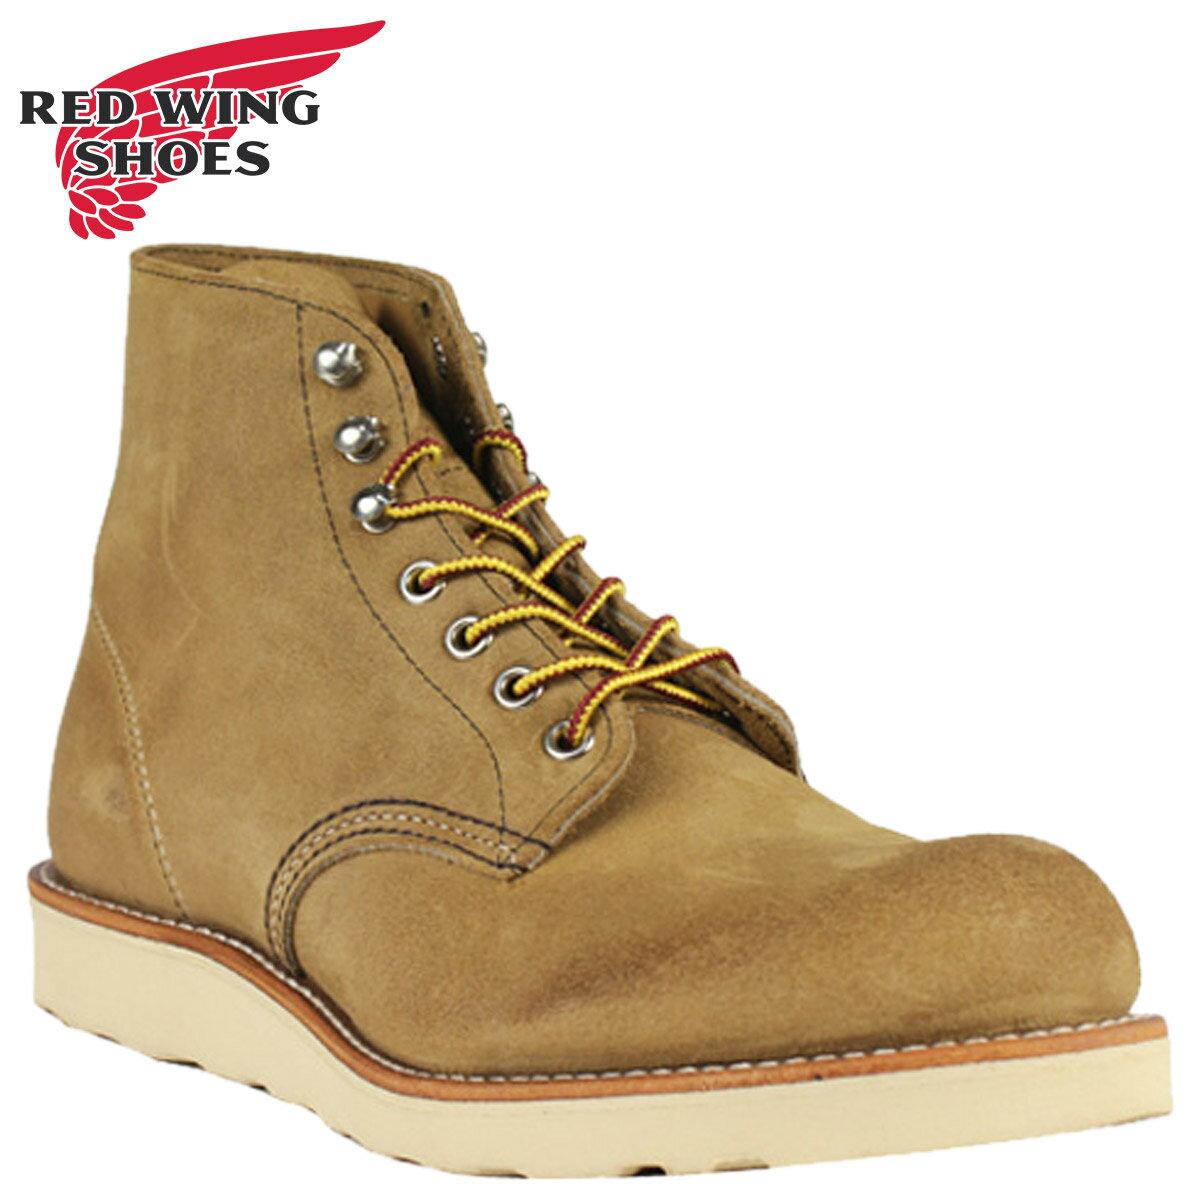 RED WING レッドウィング アイリッシュセッター ブーツ 6INCH CLASSIC ROUND 6インチ クラシック ラウンドトゥ Dワイズ 8181 レッドウイング メンズ